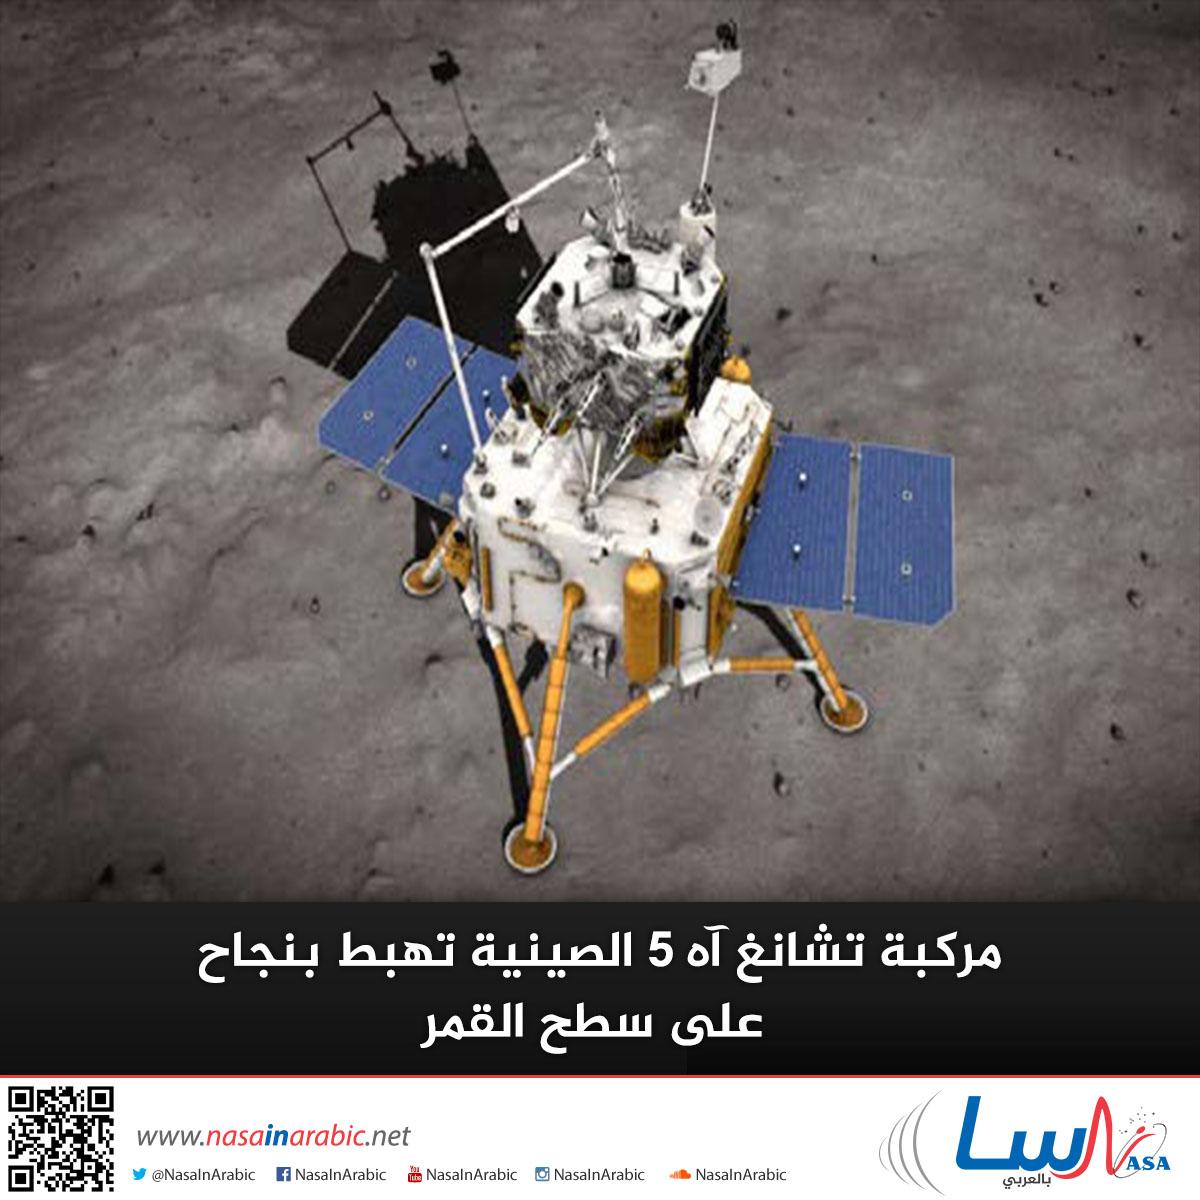 مركبة تشانغ آه 5 الصينية تهبط بنجاح على سطح القمر